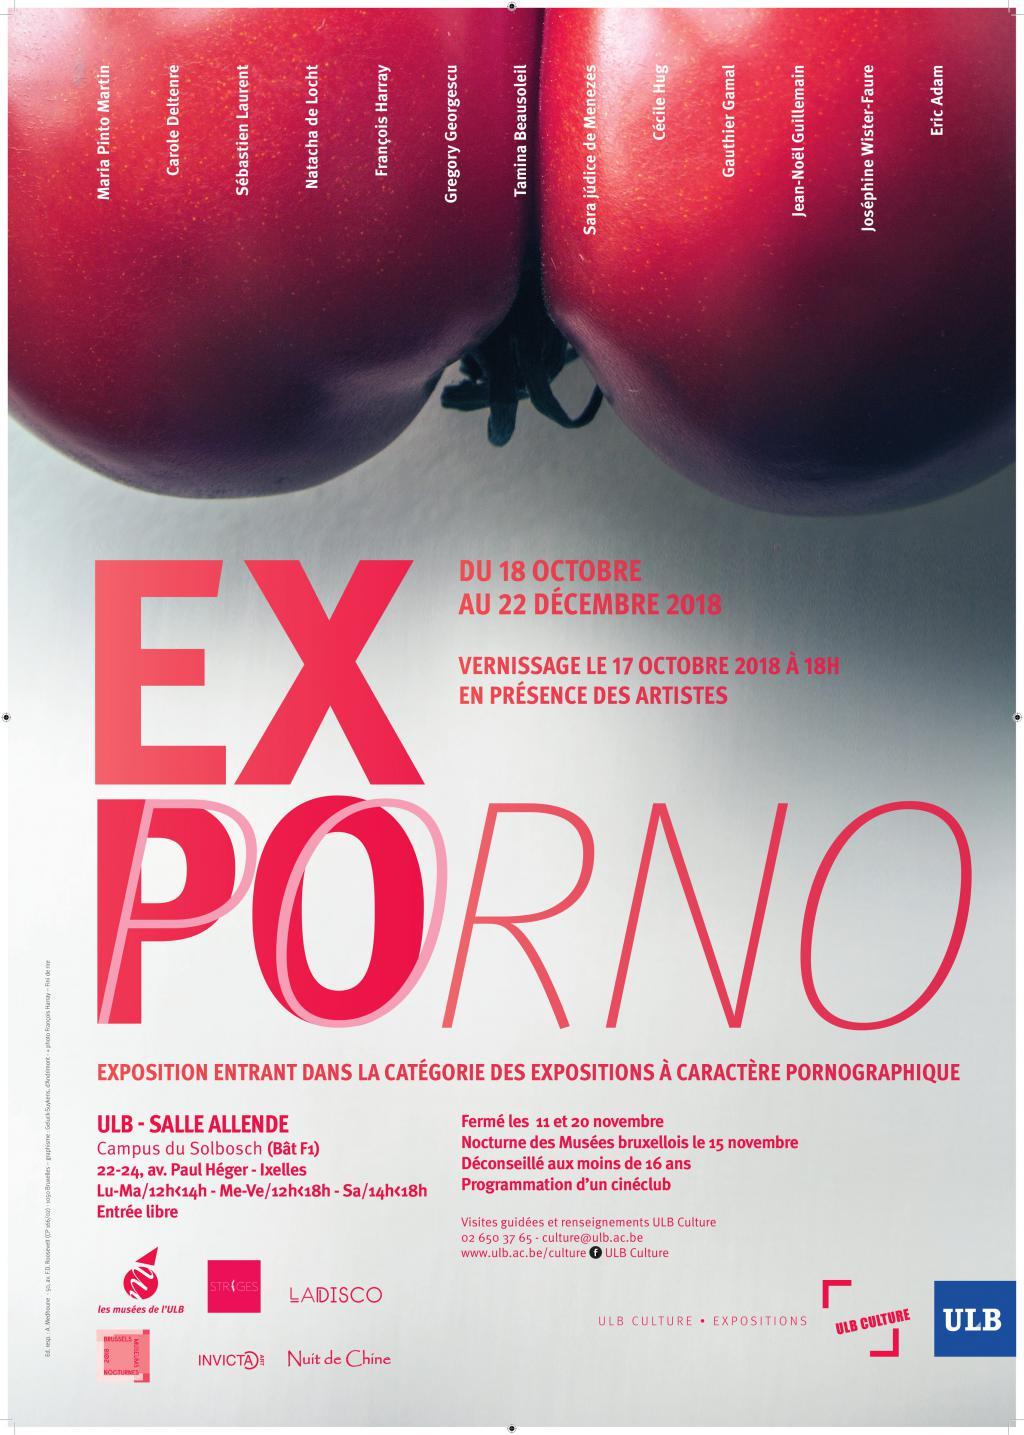 Expo Porno